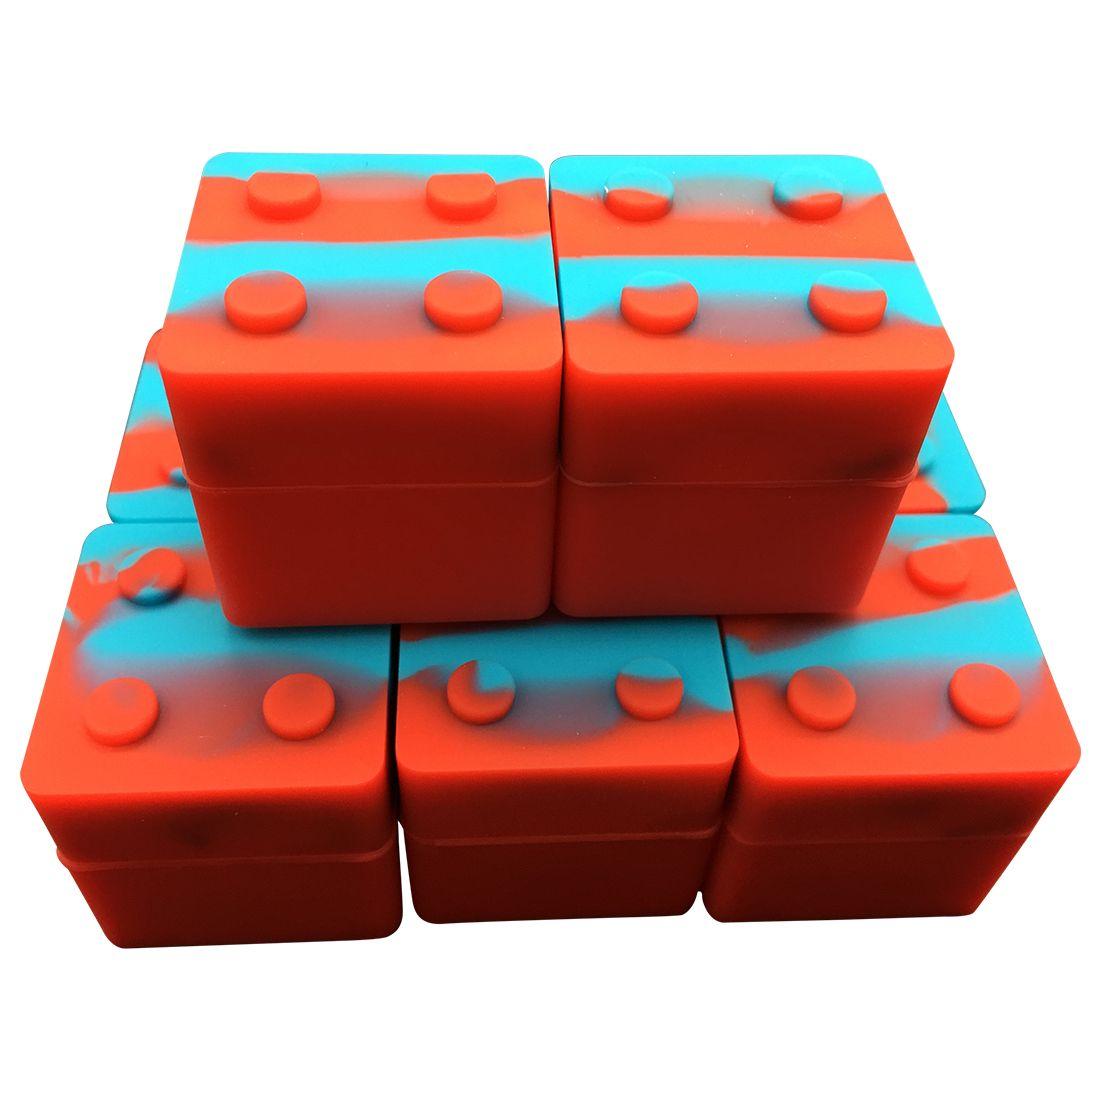 En çok satan zengin renk istiflenebilir silikon konteyner için balmumu 9ml küp şekli silikon kaplar dab kavanoz